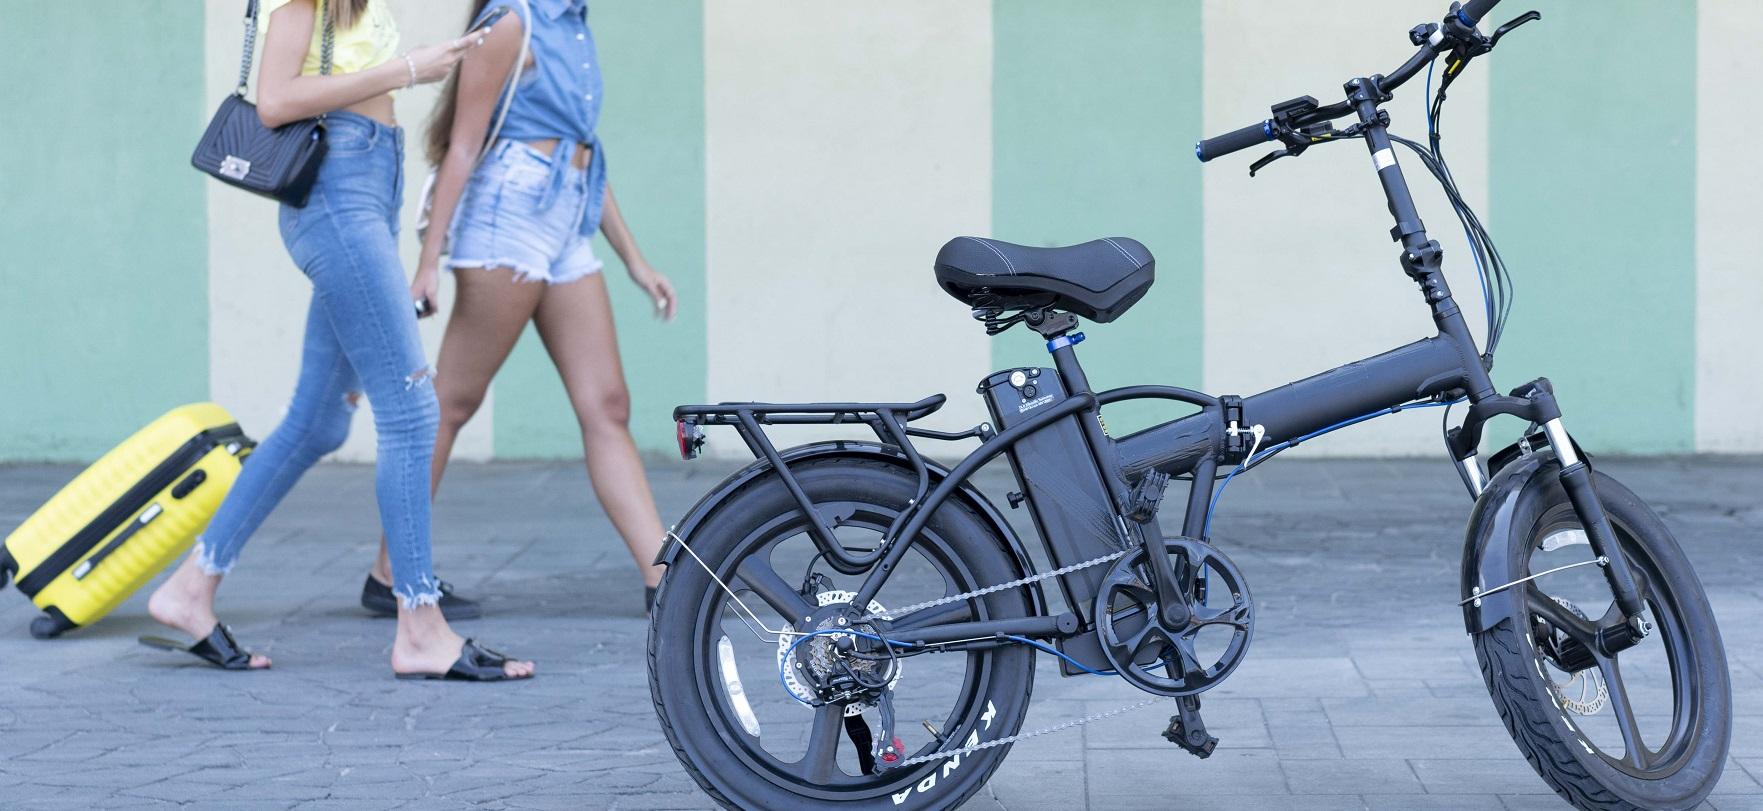 למה כדאי לקנות אופניים חשמליים ולמה עכשיו?